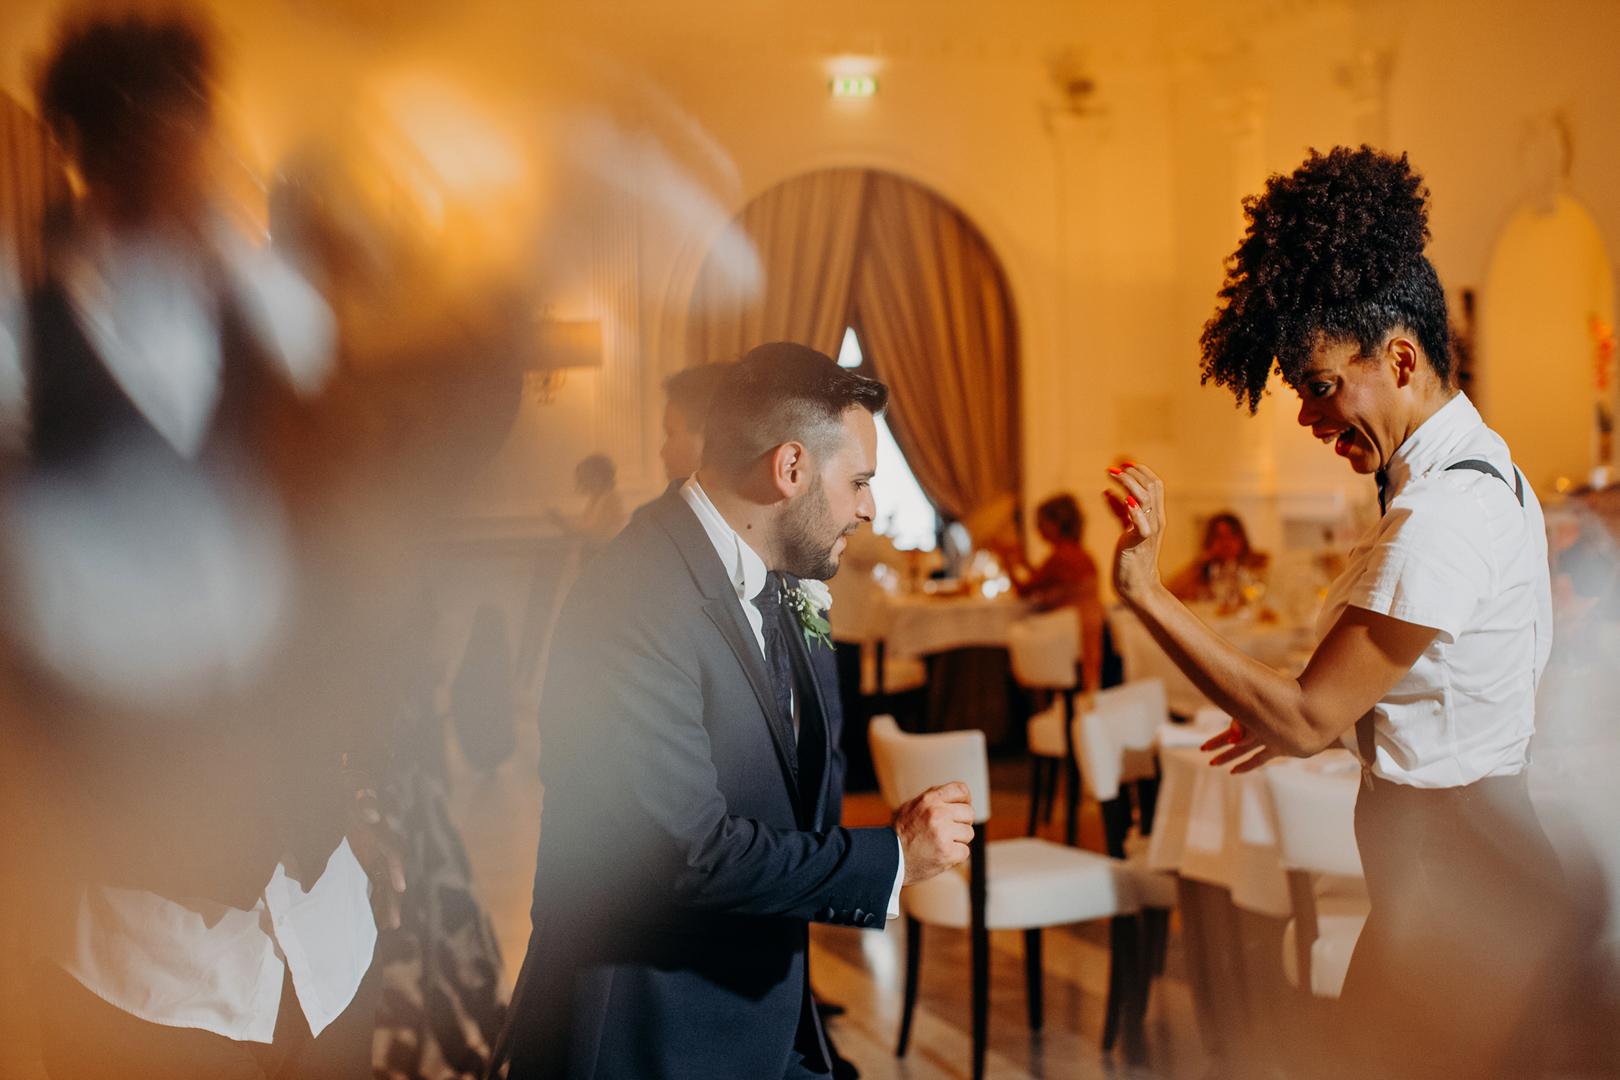 29 gianni-lepore-fotografo-sposa-new-lions-matrimonio